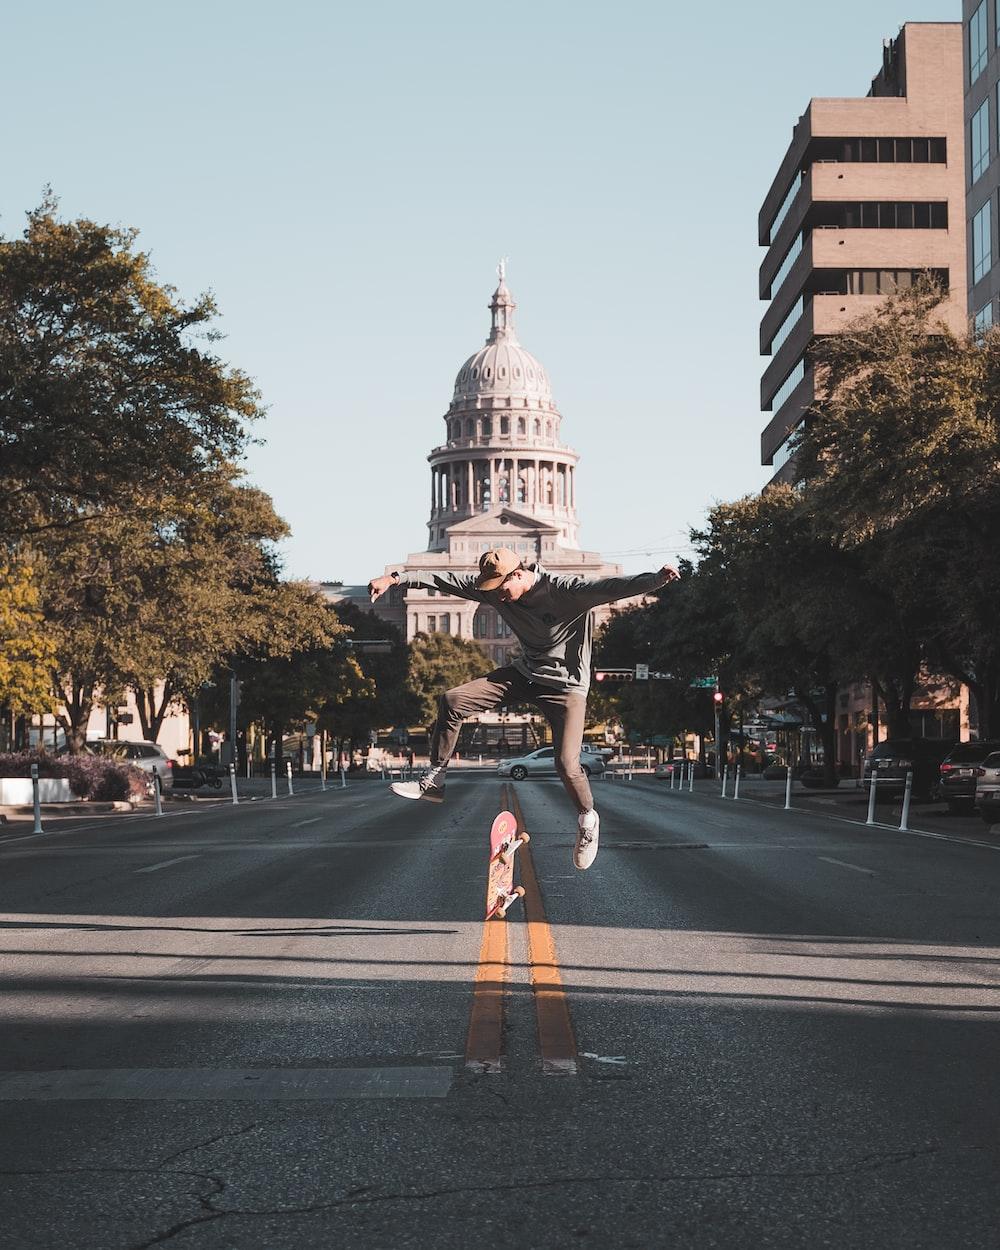 woman in black and white dress walking on pedestrian lane during daytime